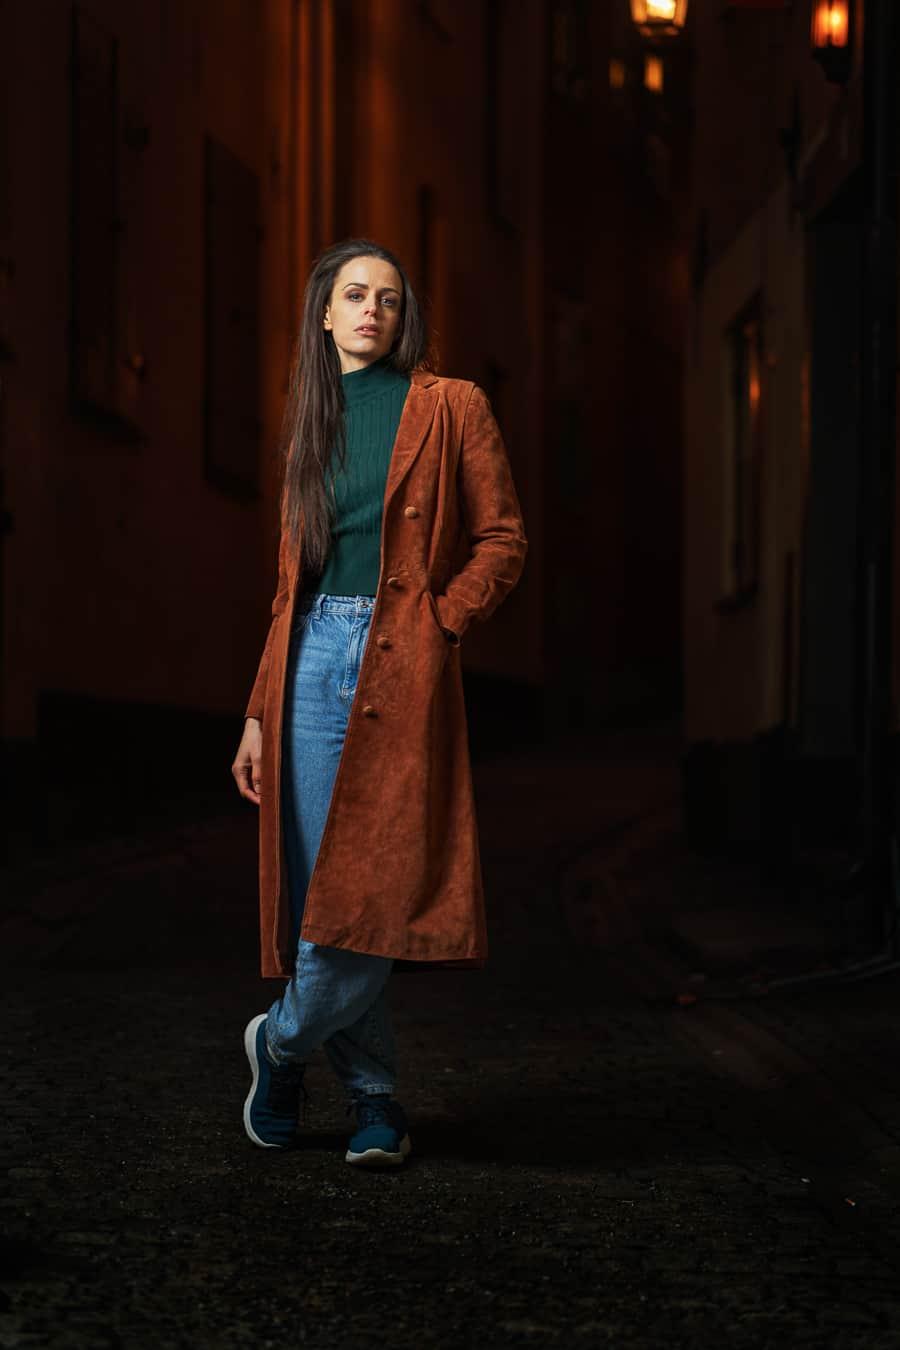 Cecilia Säverman photographer Oscar Olsson